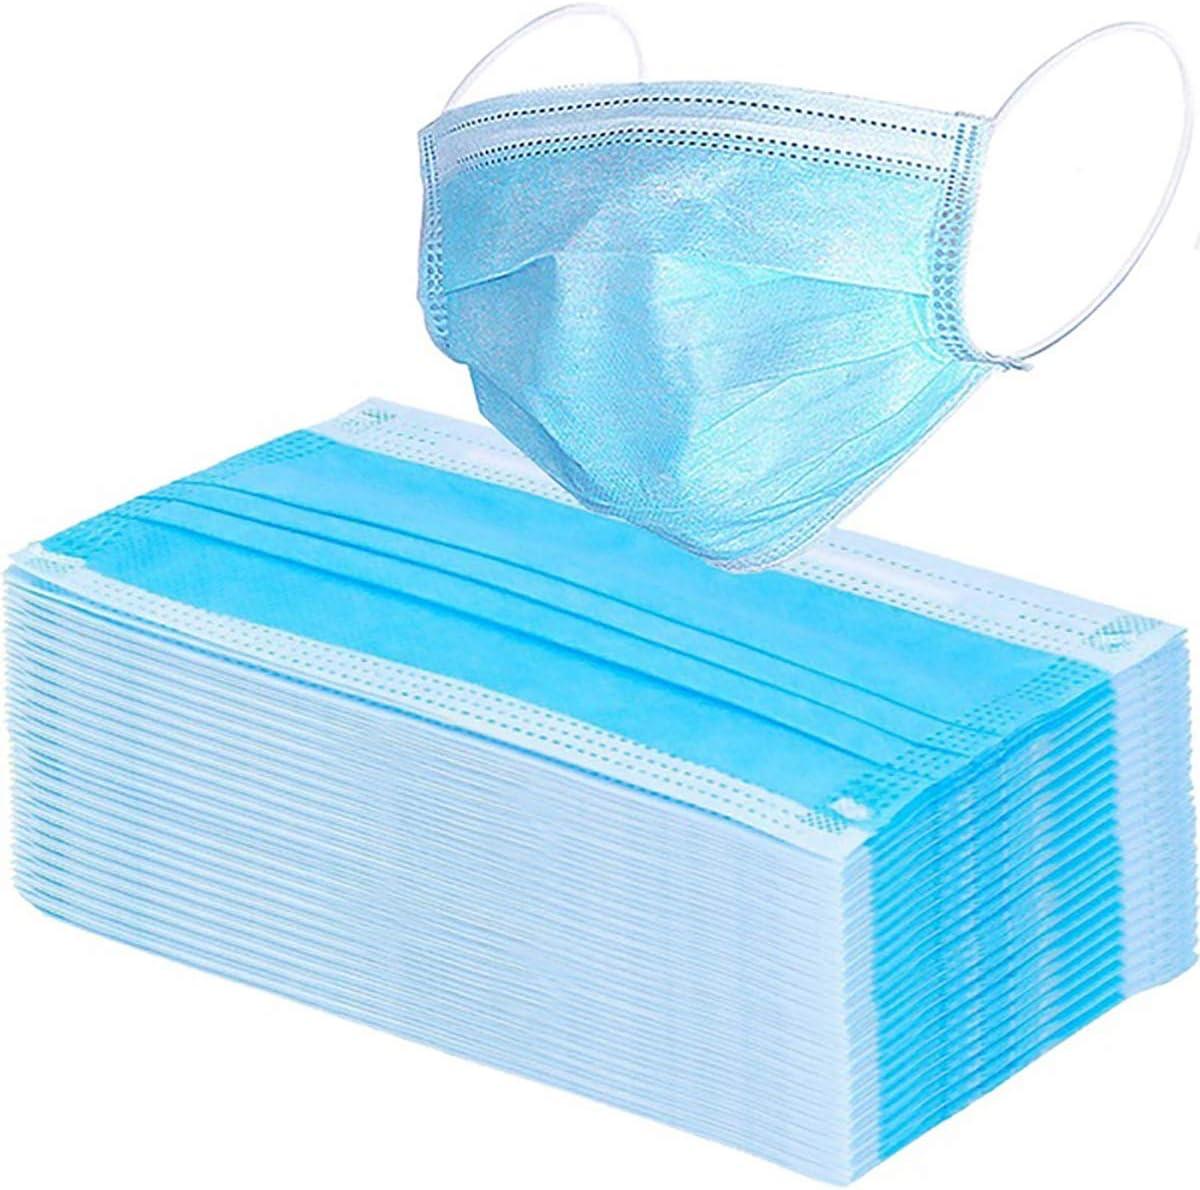 Oladwolf Protección contra el Polvo desechable de 3 Capas, protección contra infecciones con Trabillas para los oídos, Protege de la Suciedad (Azul, 50 Unidades).